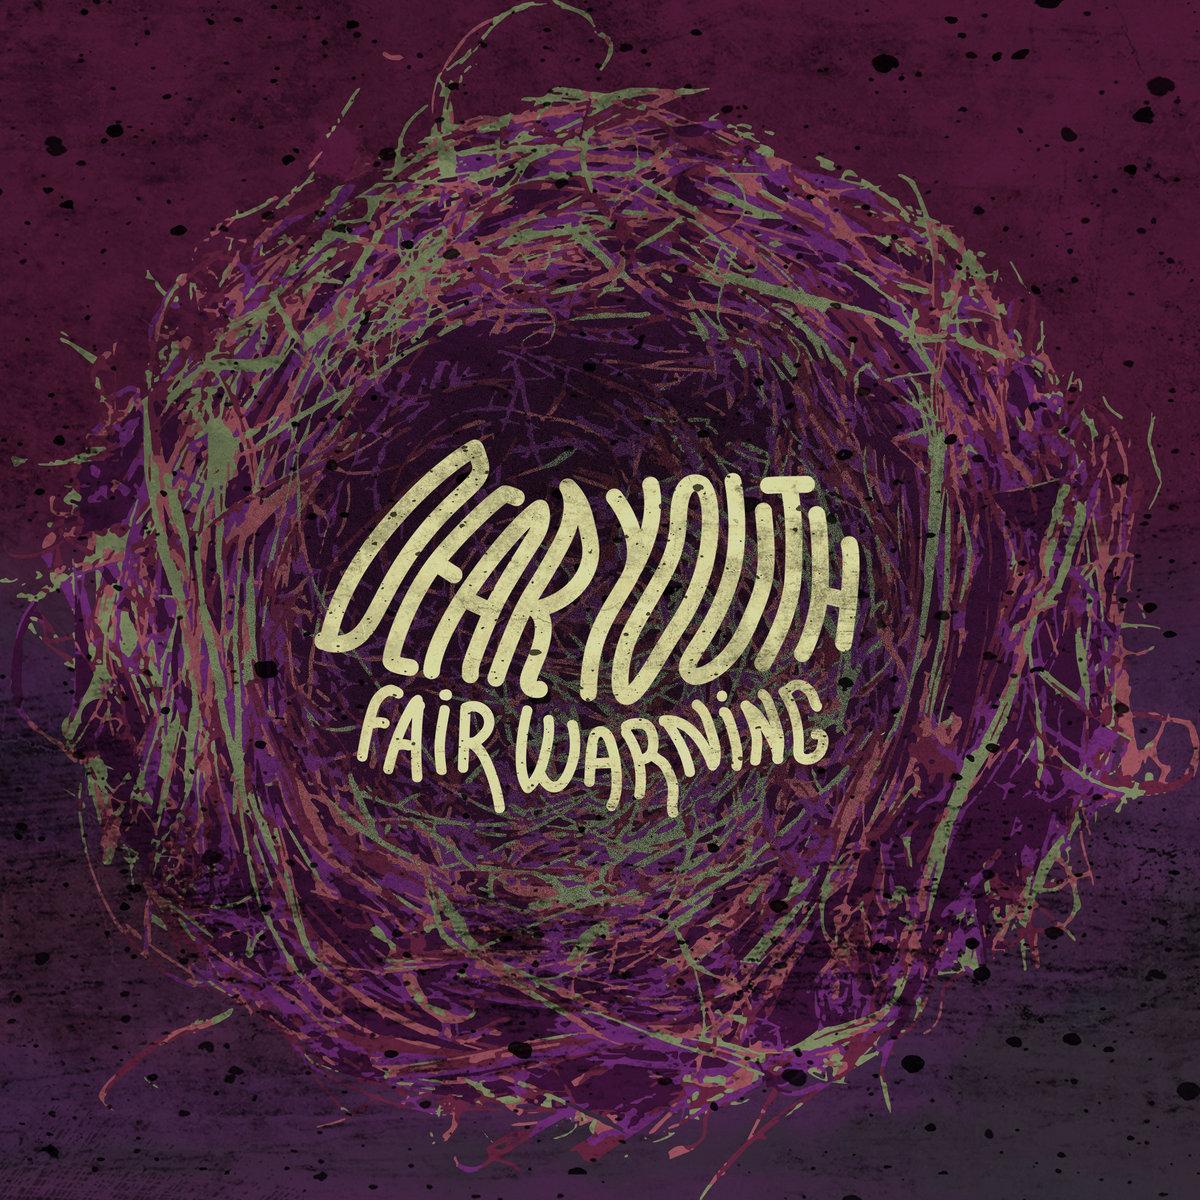 fair warning anchor eighty four